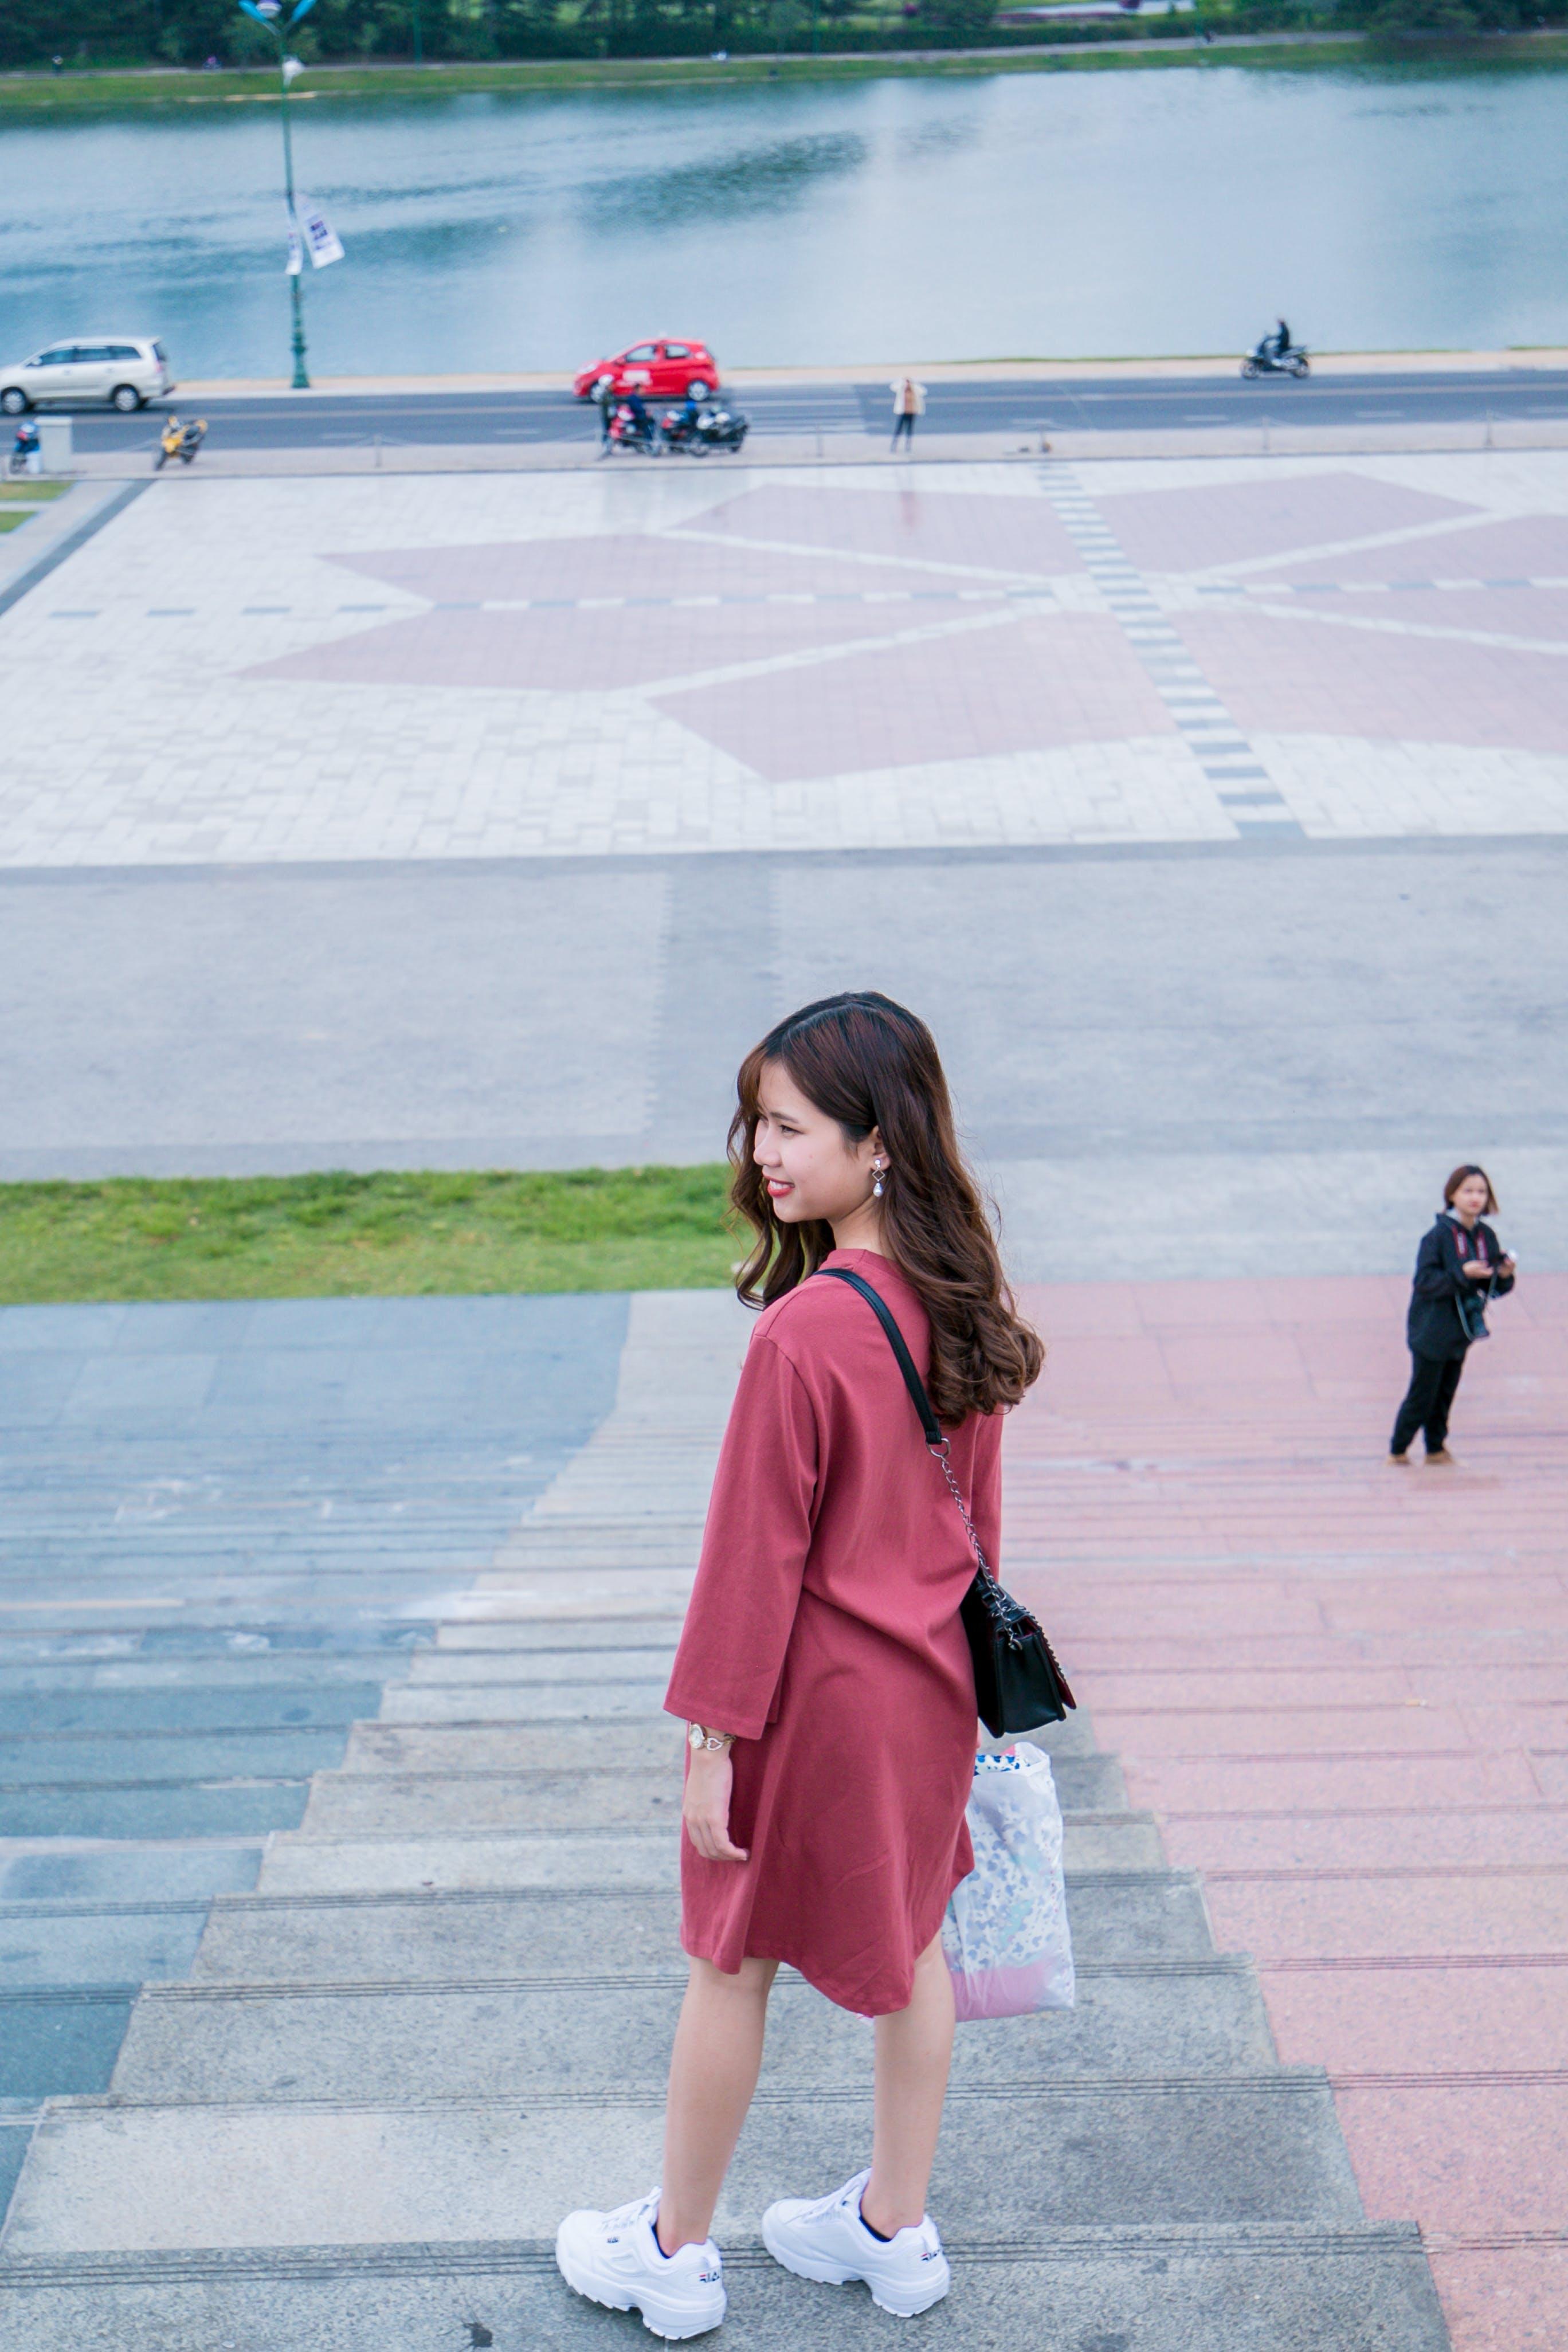 Kostenloses Stock Foto zu asiatin, asiatische frau, bezaubernd, erholung